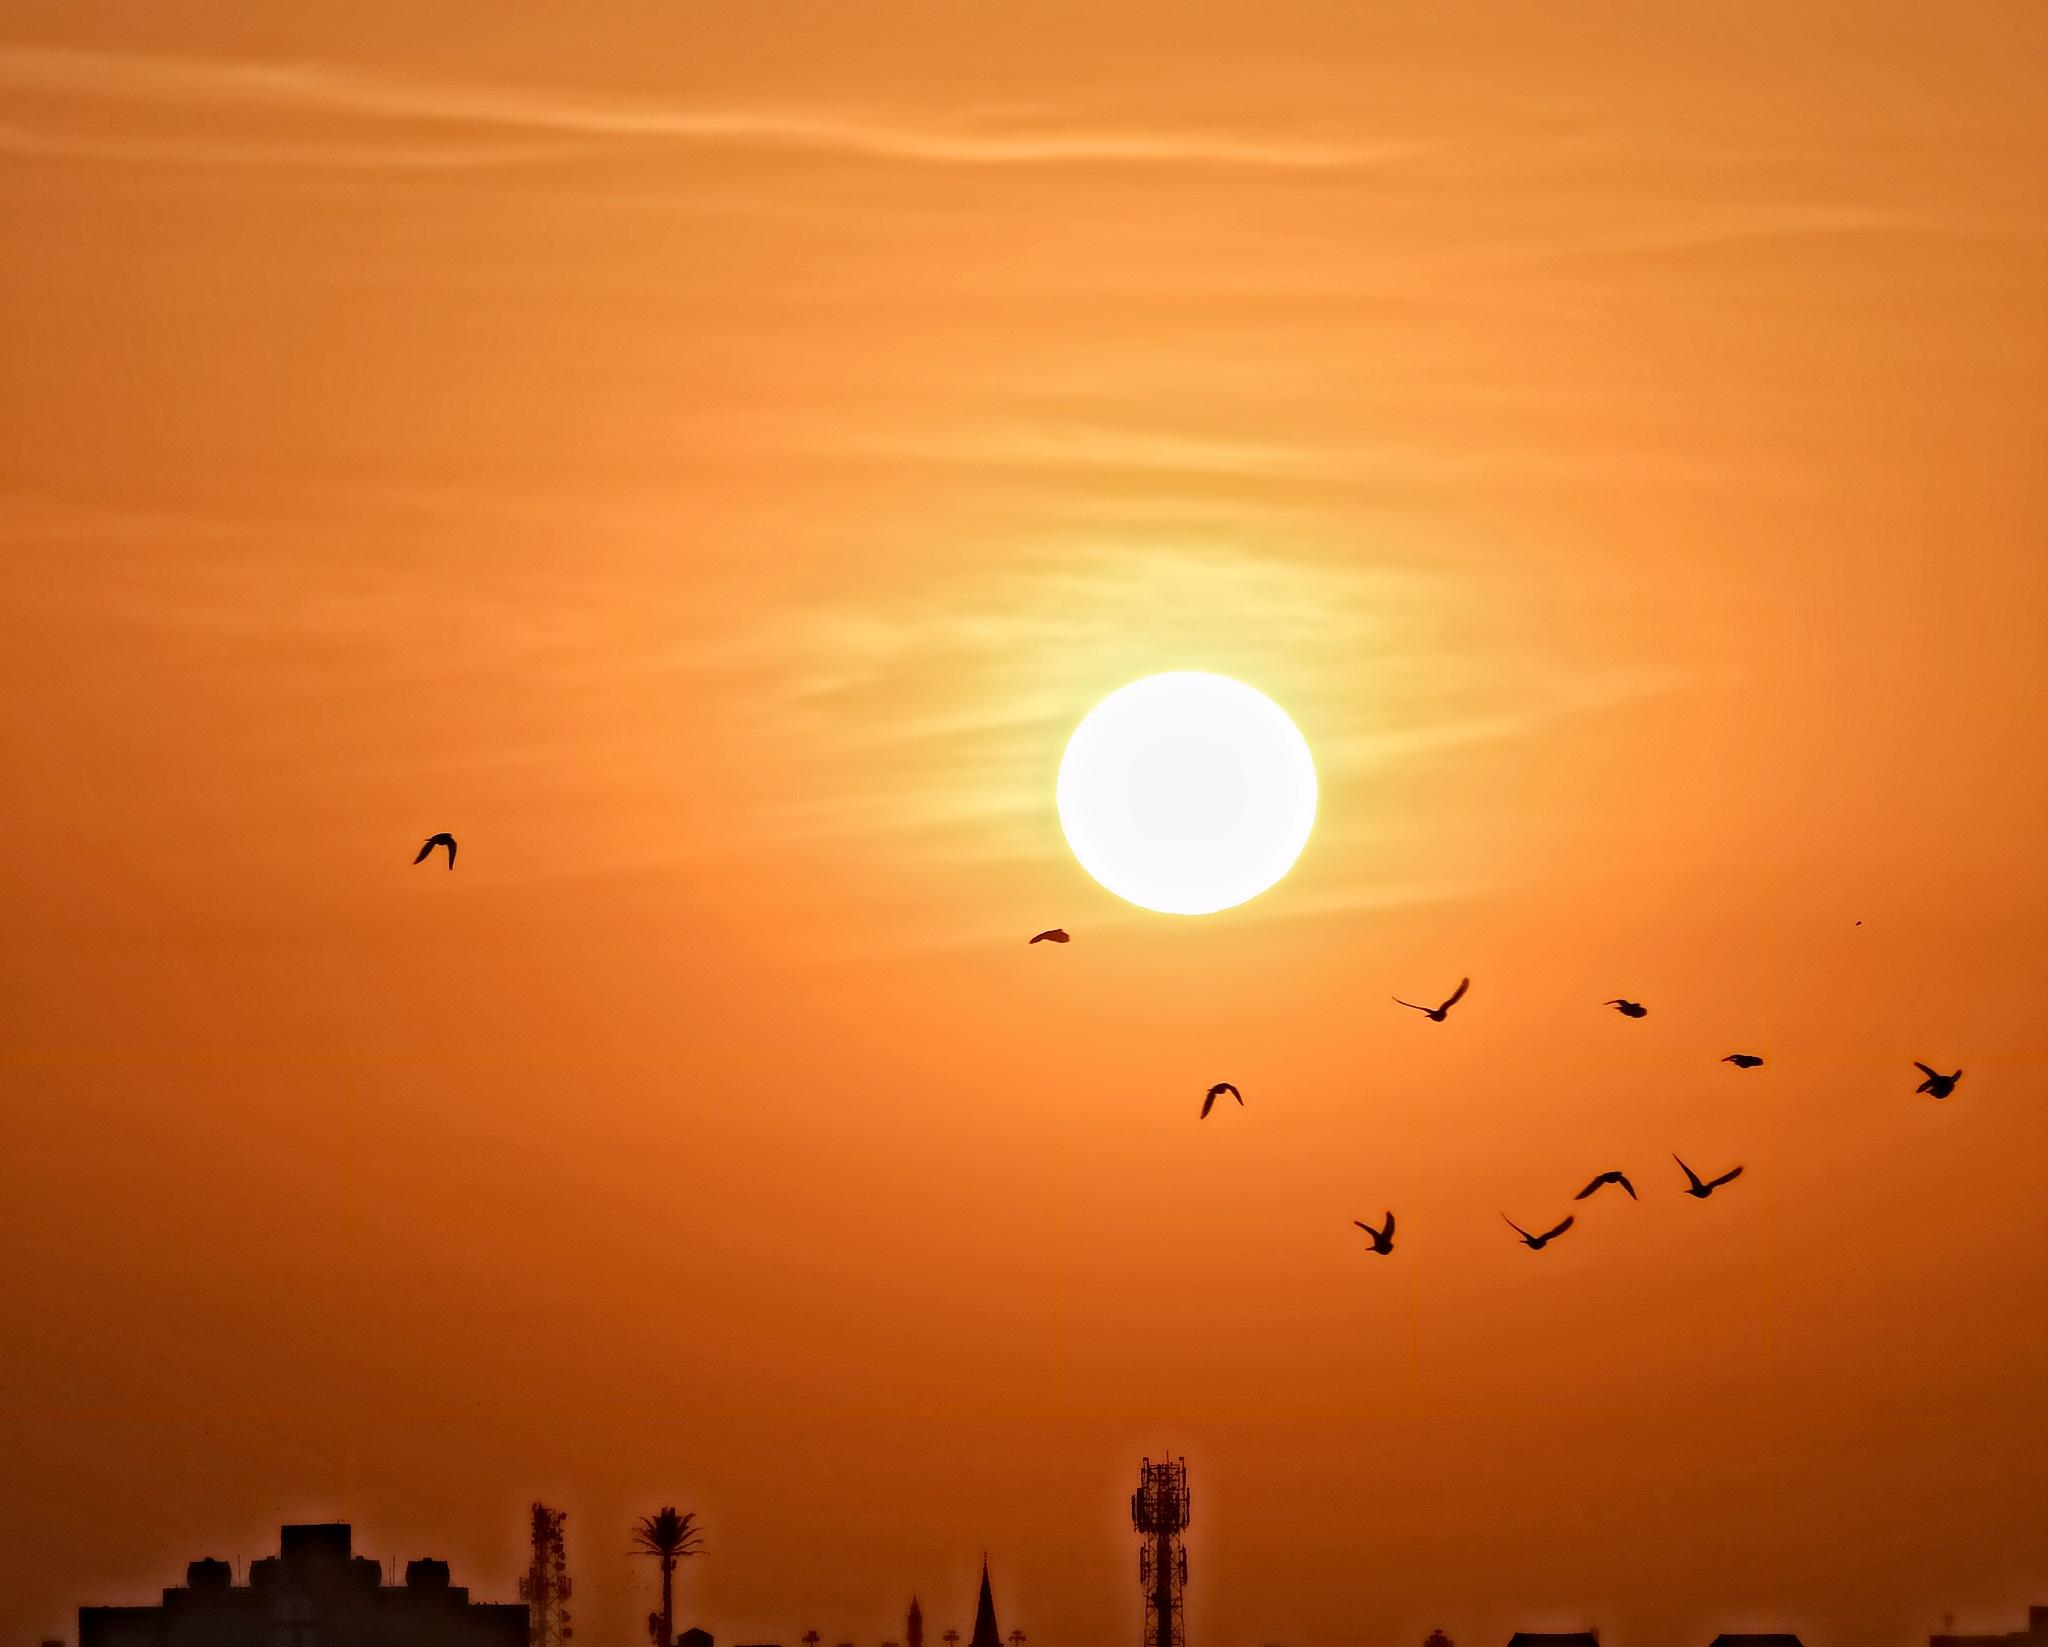 Sun&Birds by osama ali mhmoud